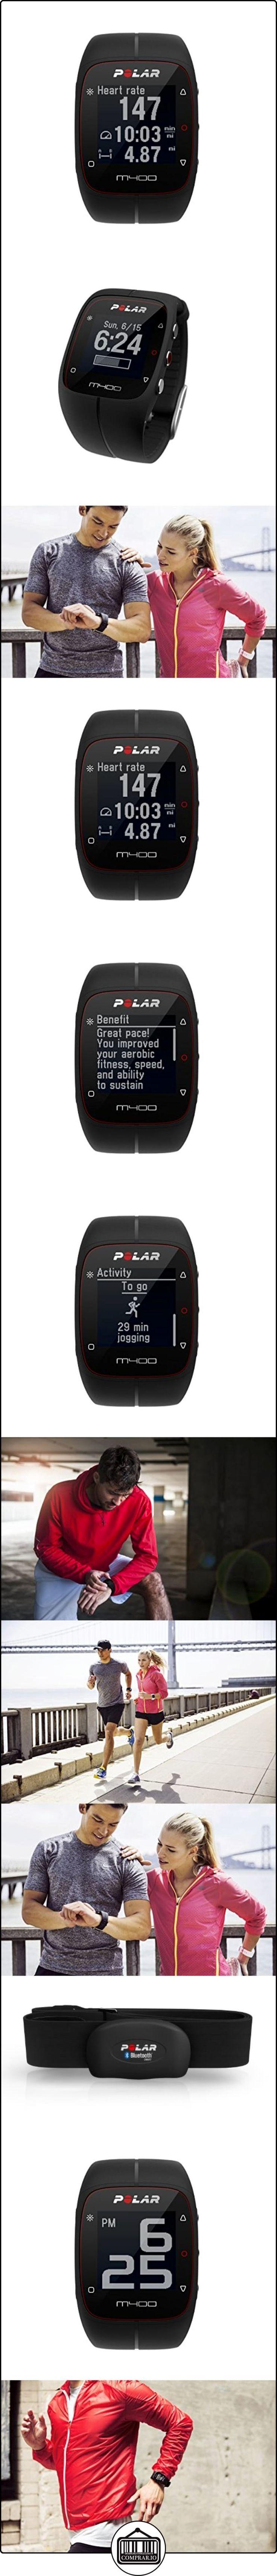 Polar M400 - Reloj de entrenamiento con GPS integrado y registro de actividad, color negro  ✿ Relojes para mujer - (Gama media/alta) ✿